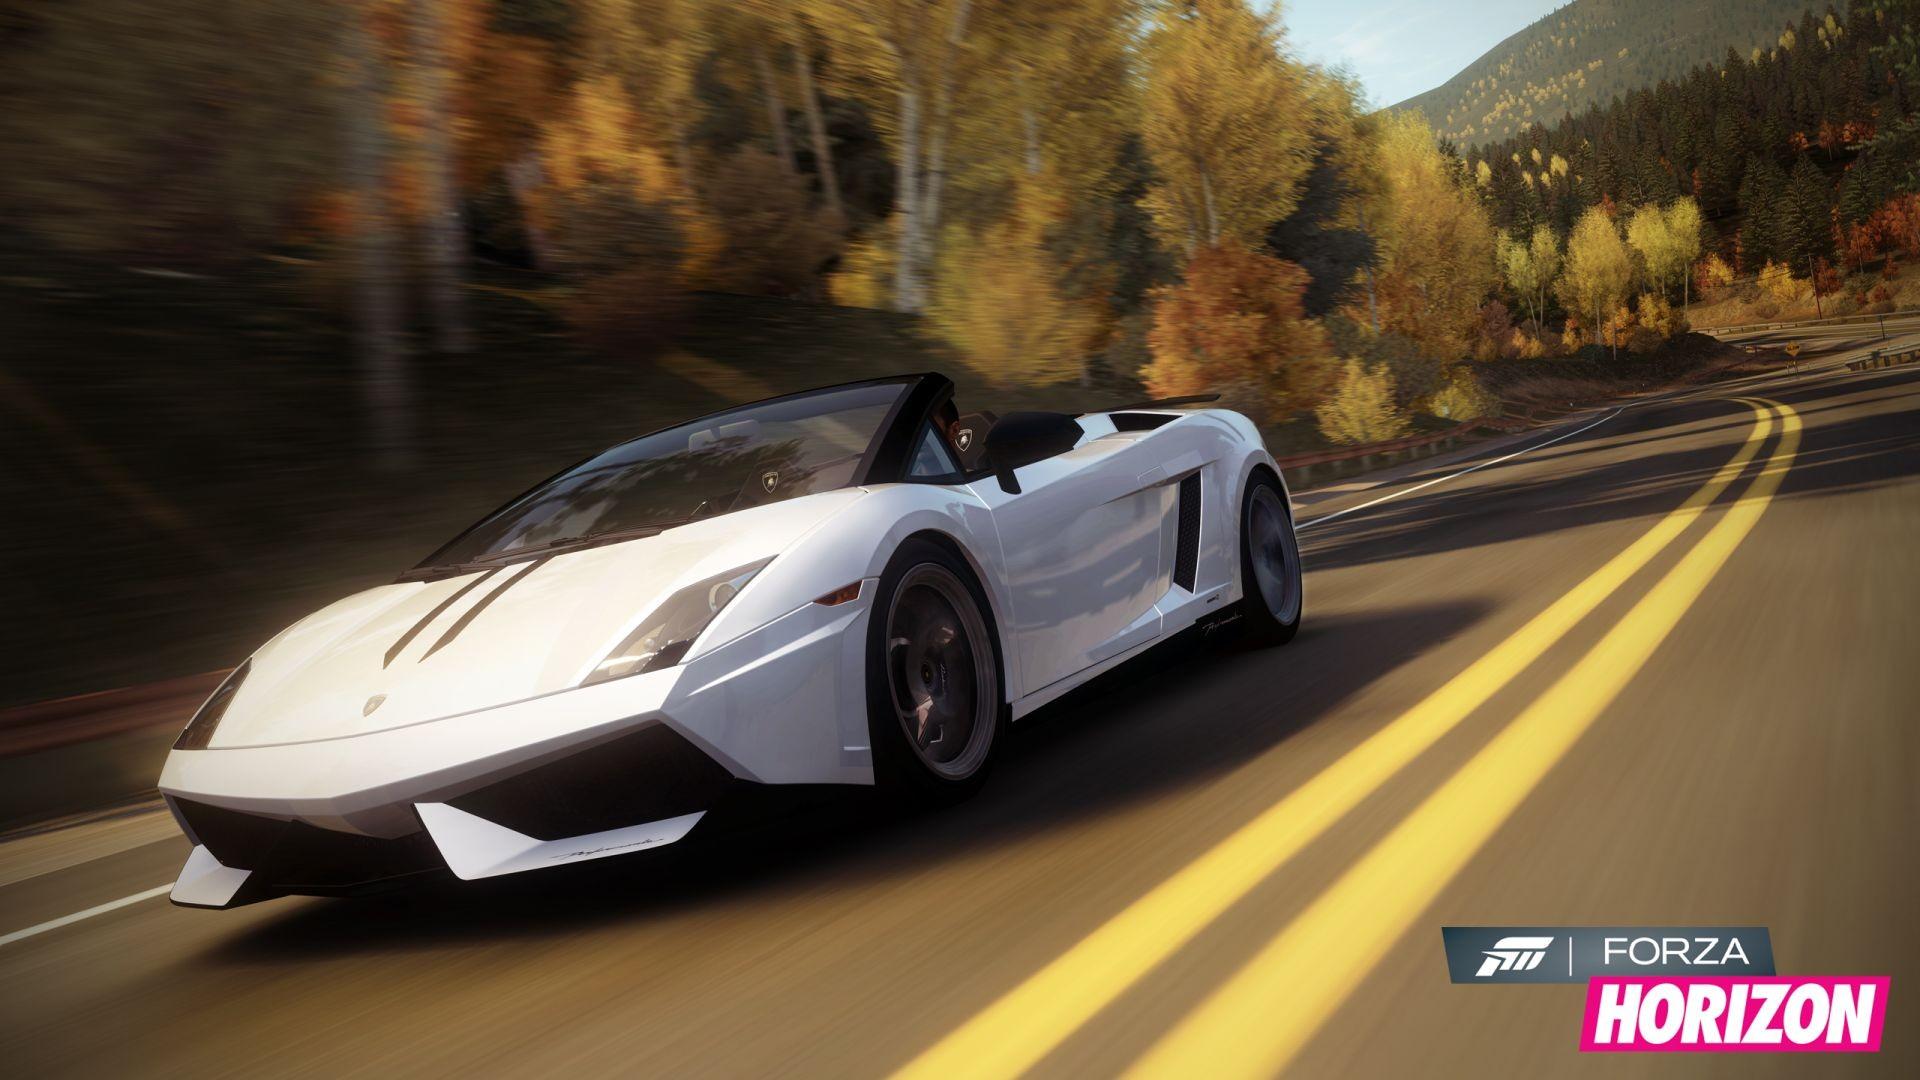 В сети обнаружены концепт-арты Forza Horizon 4, демонстрирующие красоты Гонконга